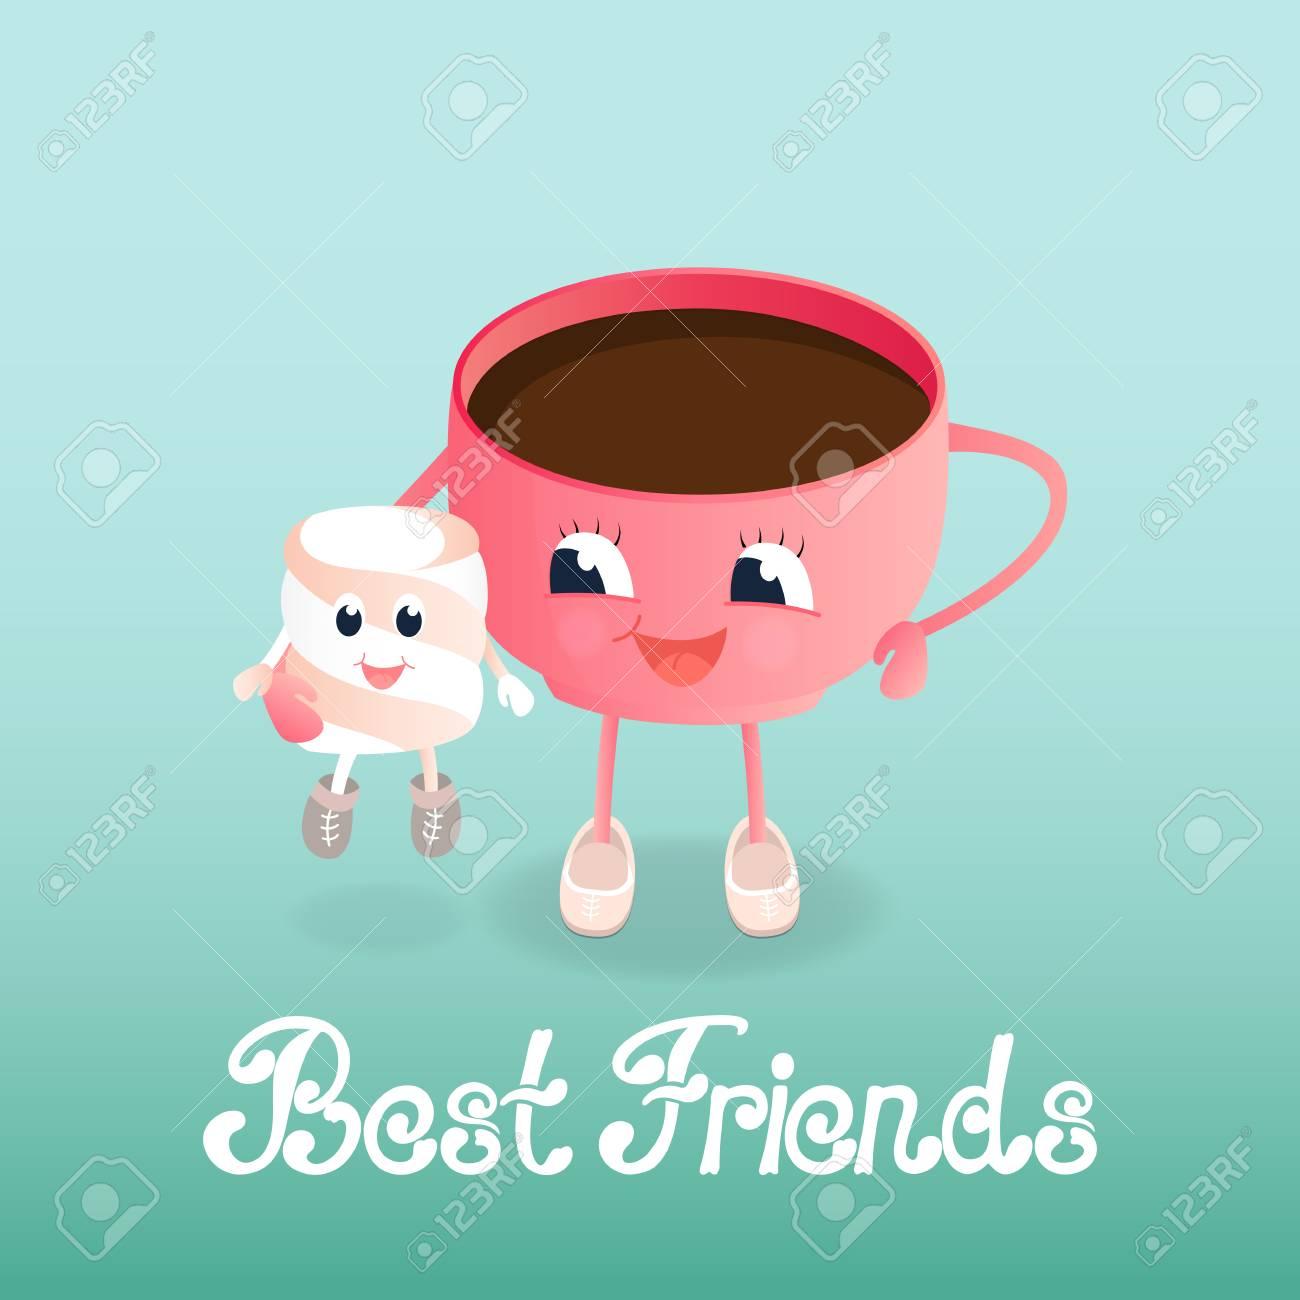 Una Divertida Taza De Café Tiene Una Caricatura De Malvavisco